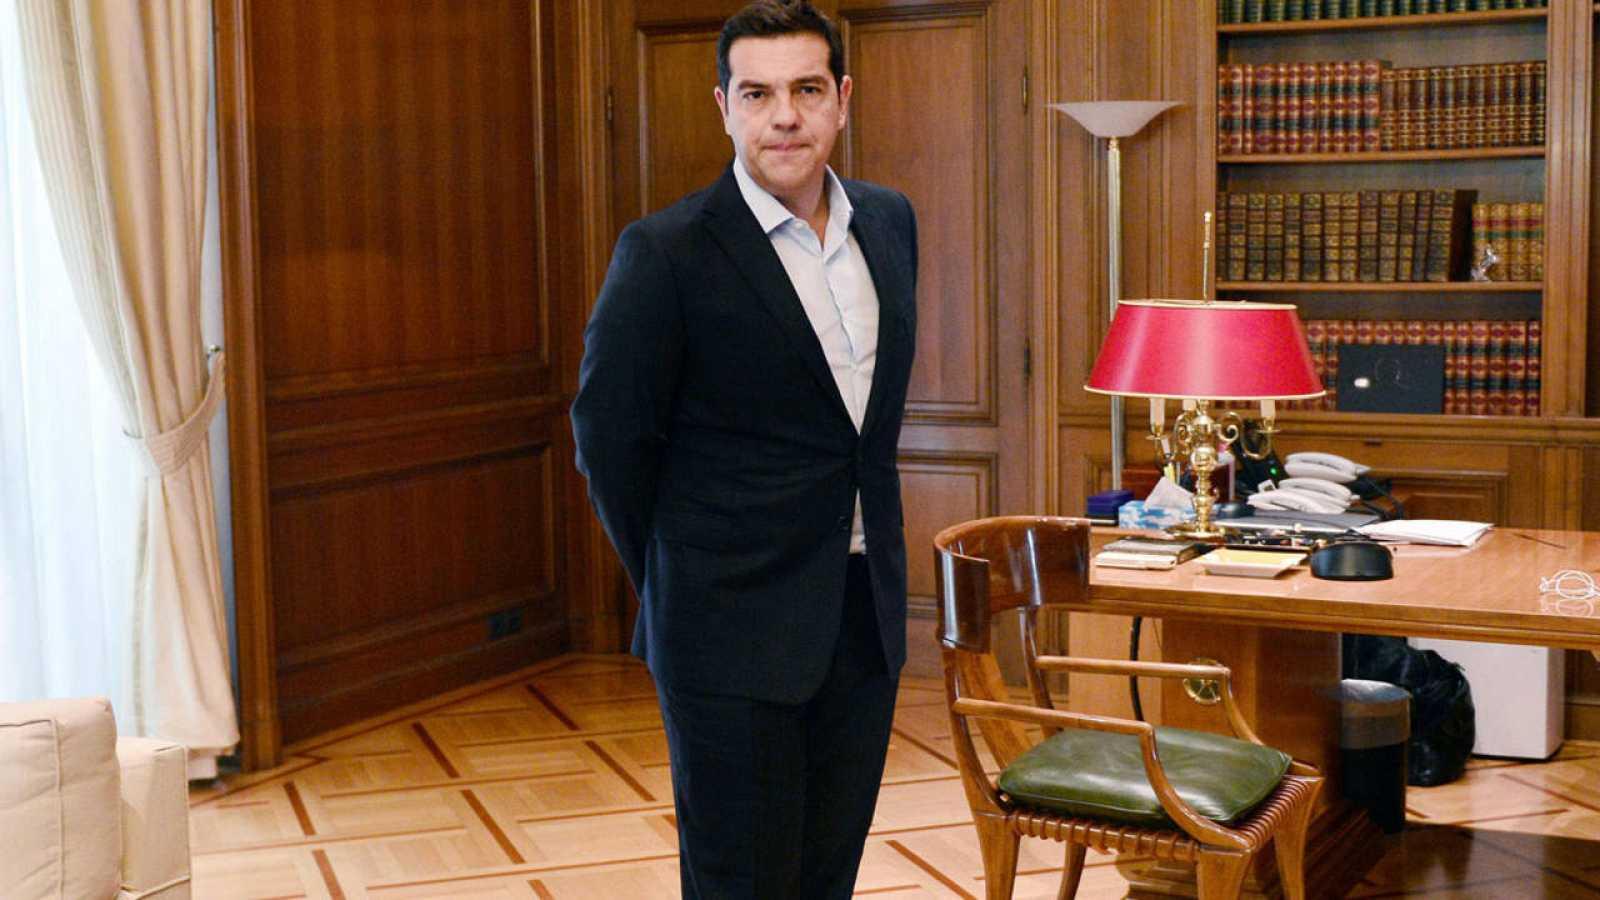 El primer ministro griego, Alexis Tsipras, en su despacho de Atenas